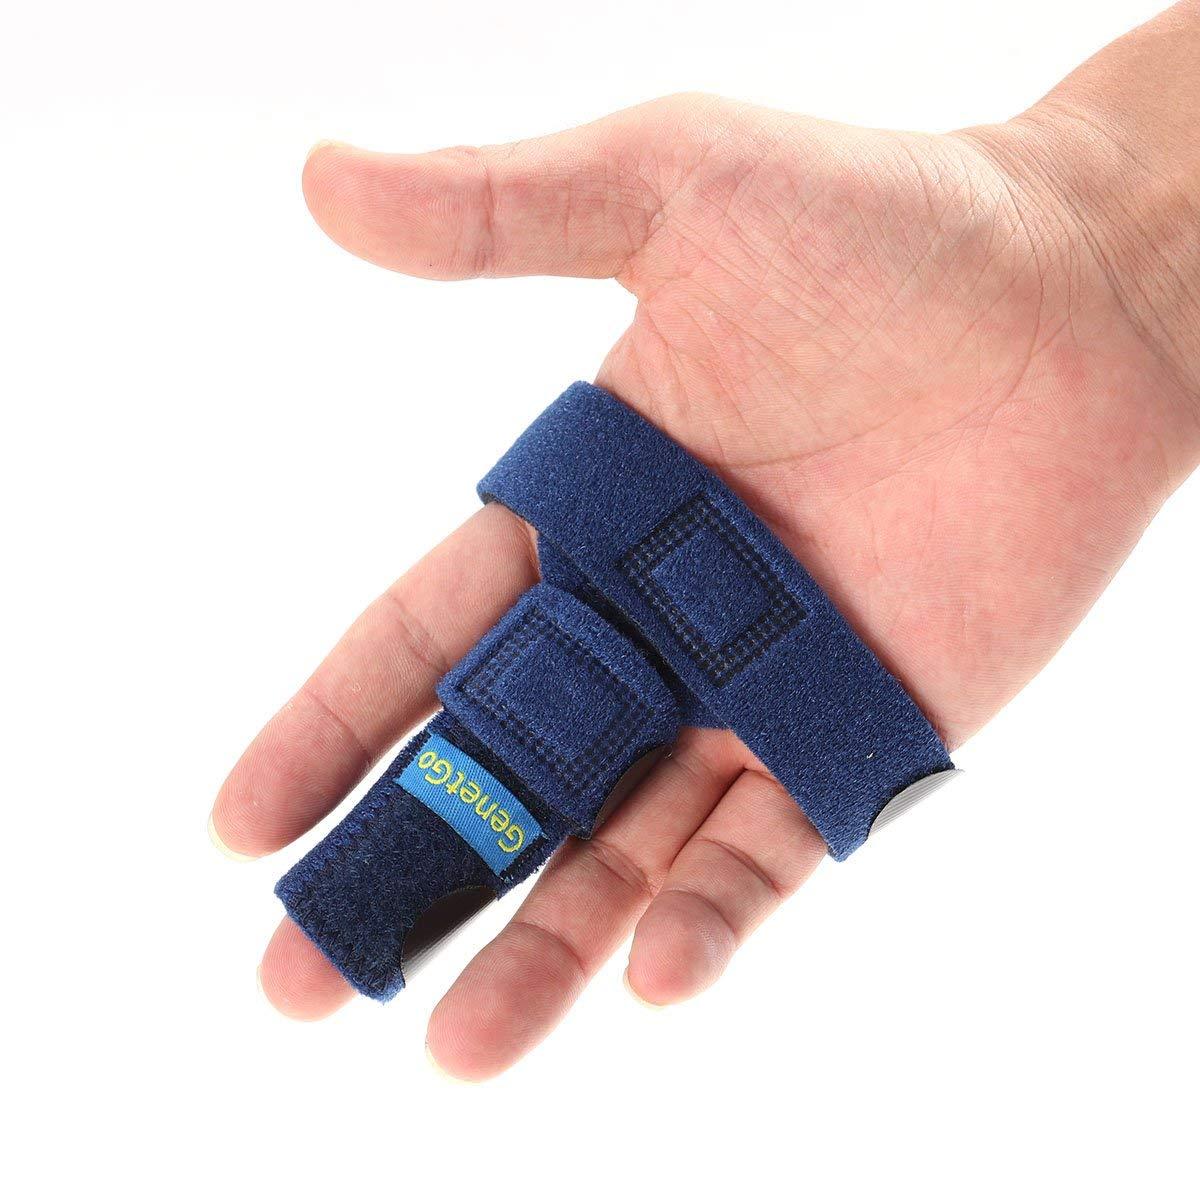 VORCOOL Trigger Adjustable Splints Support